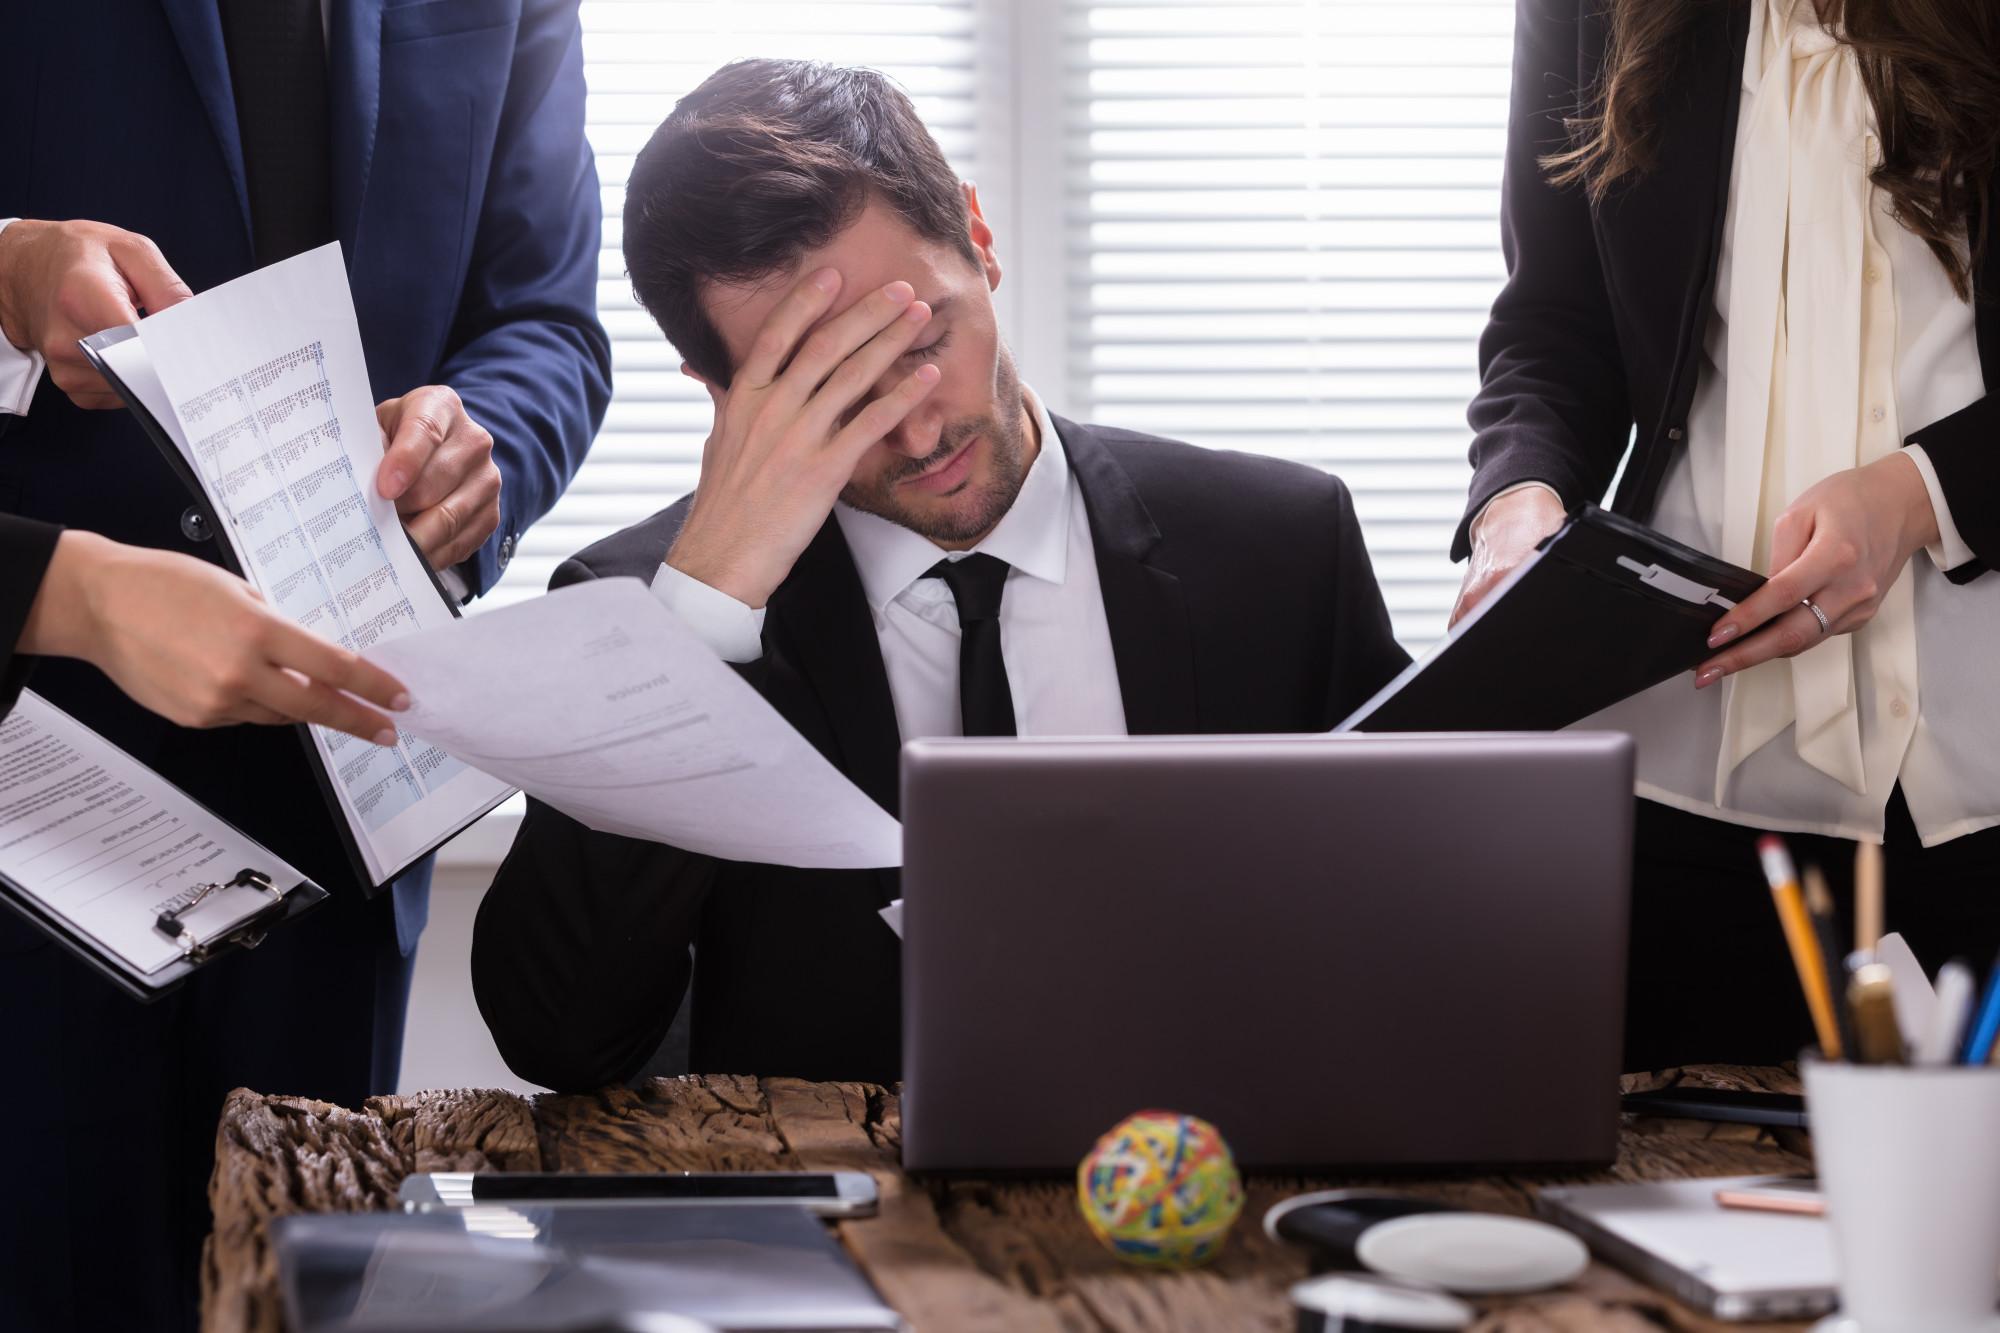 struggling business